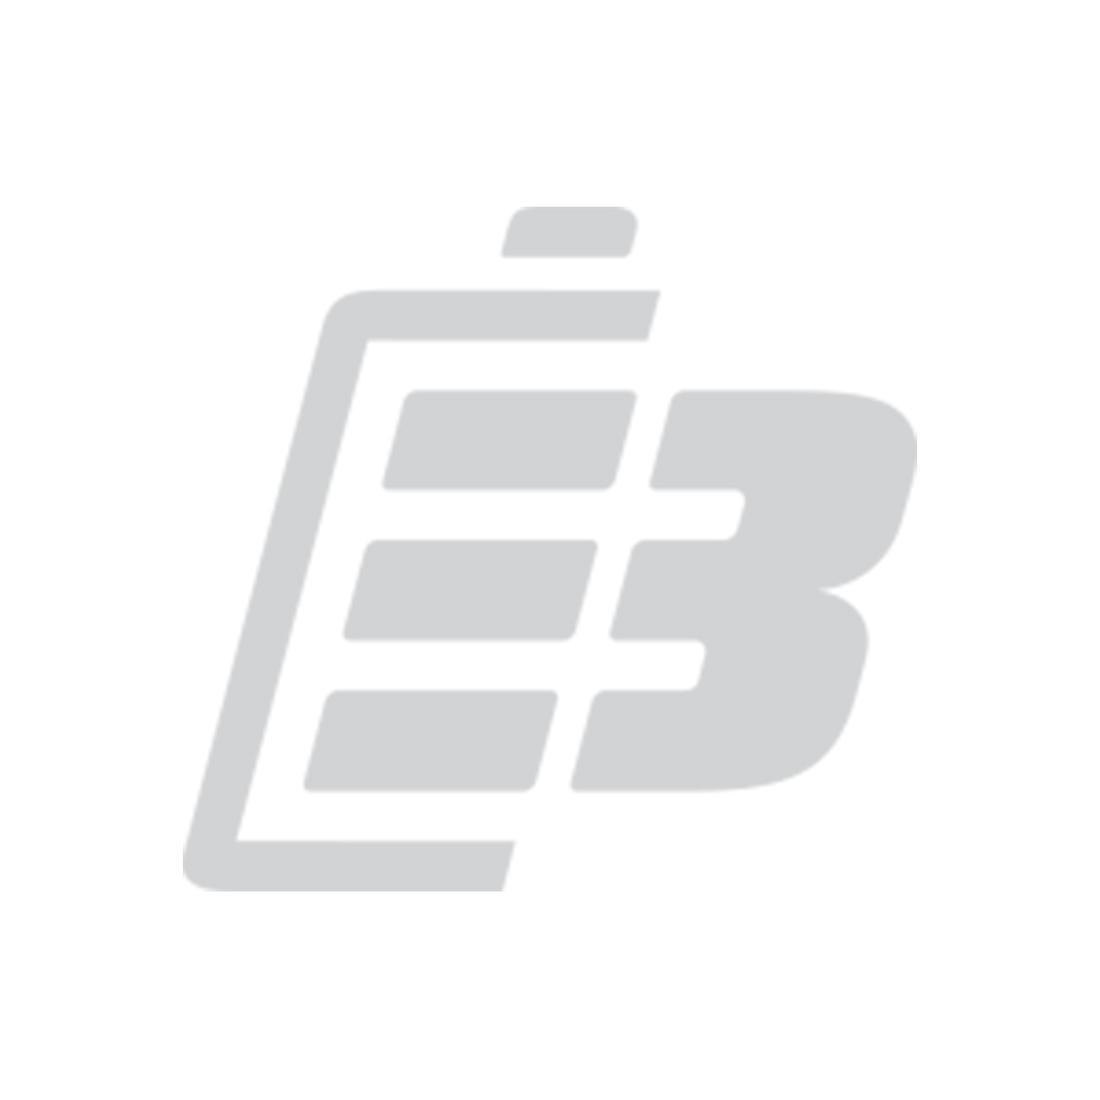 Μπαταρία κινητού τηλεφώνου Alcatel One Touch 2010_1